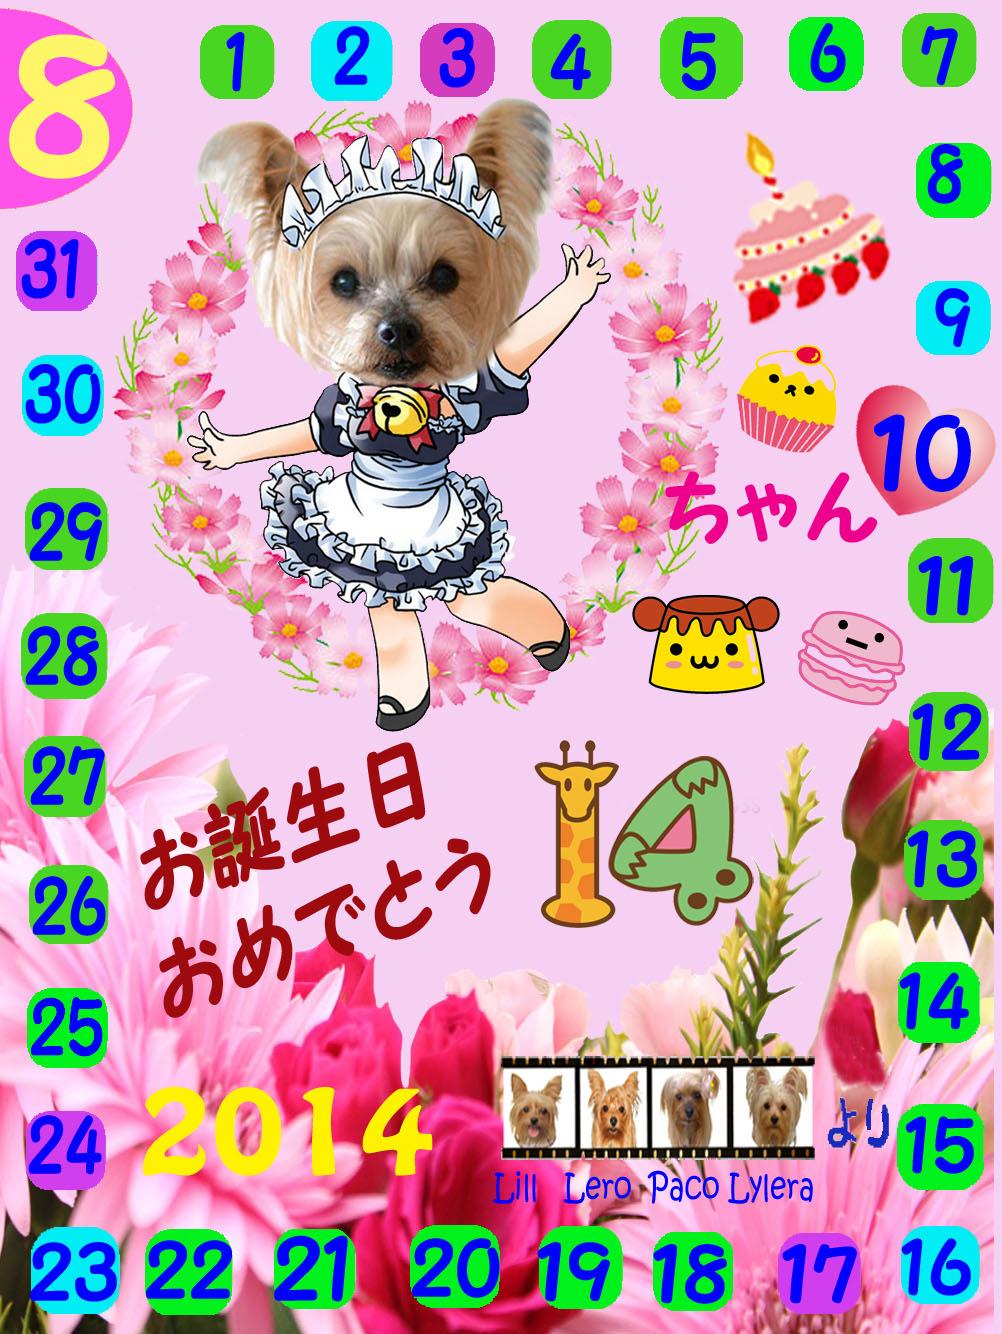 08102014 colonちゃん誕生日